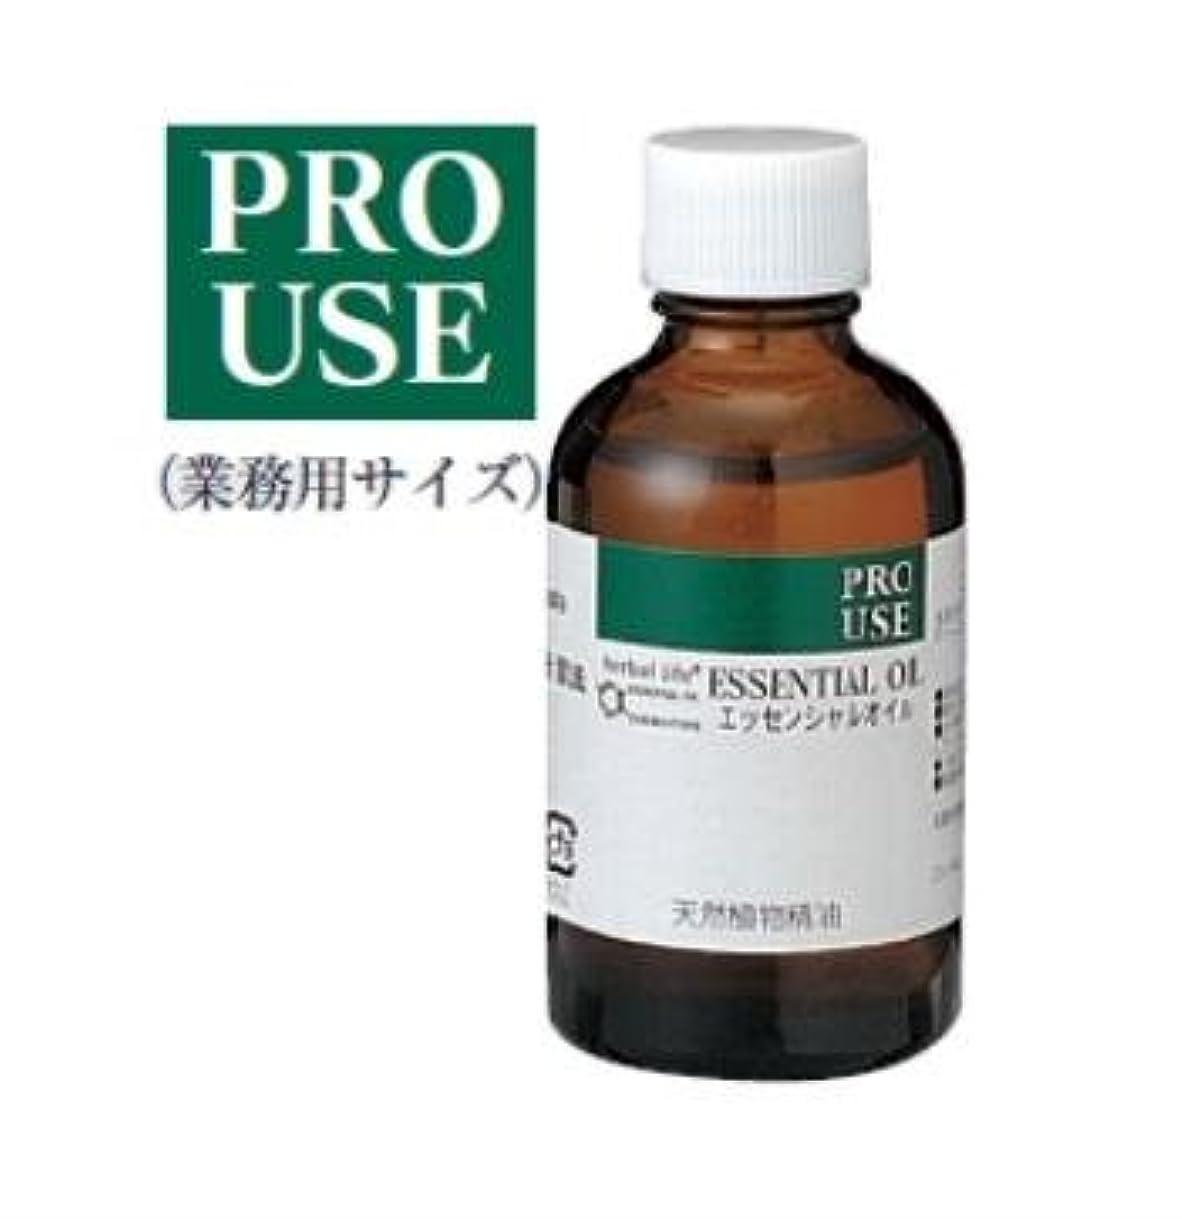 試みる悪性腫瘍神経障害生活の木 エッセンシャルオイル ゼラニウム 精油 50ml アロマオイル アロマ